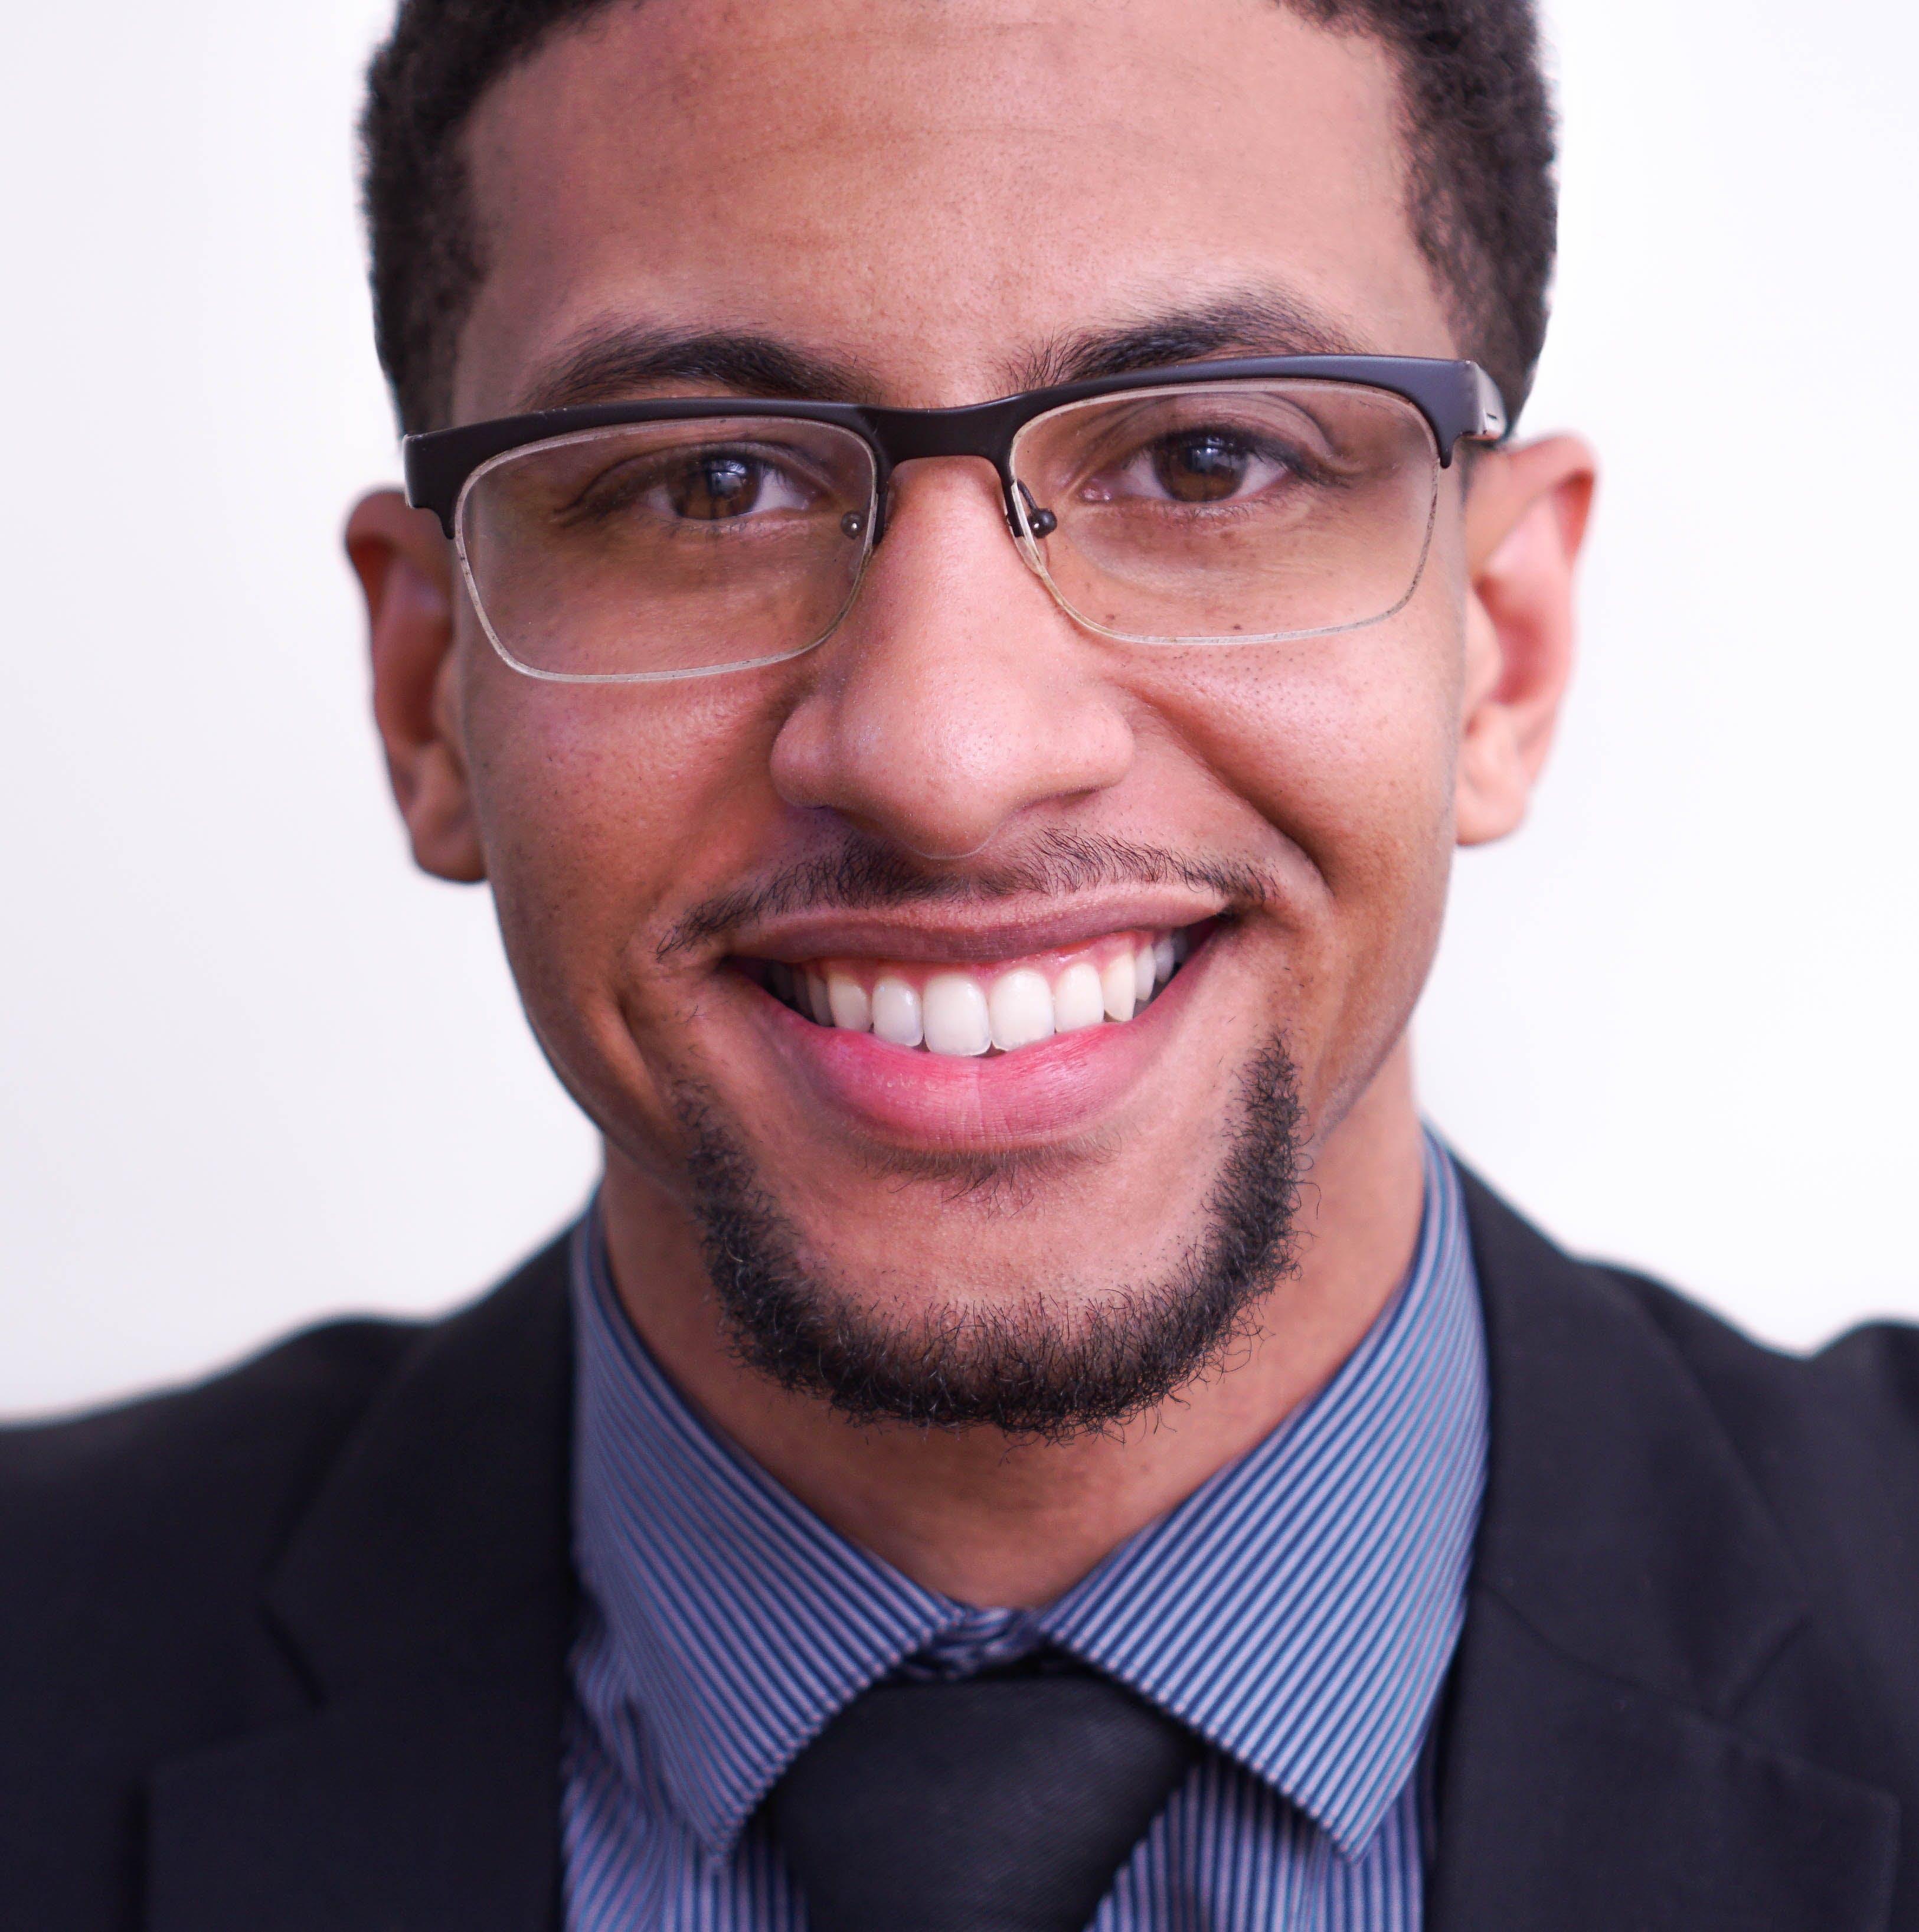 Free stock photo of smile, necktie, eye glasses, black man